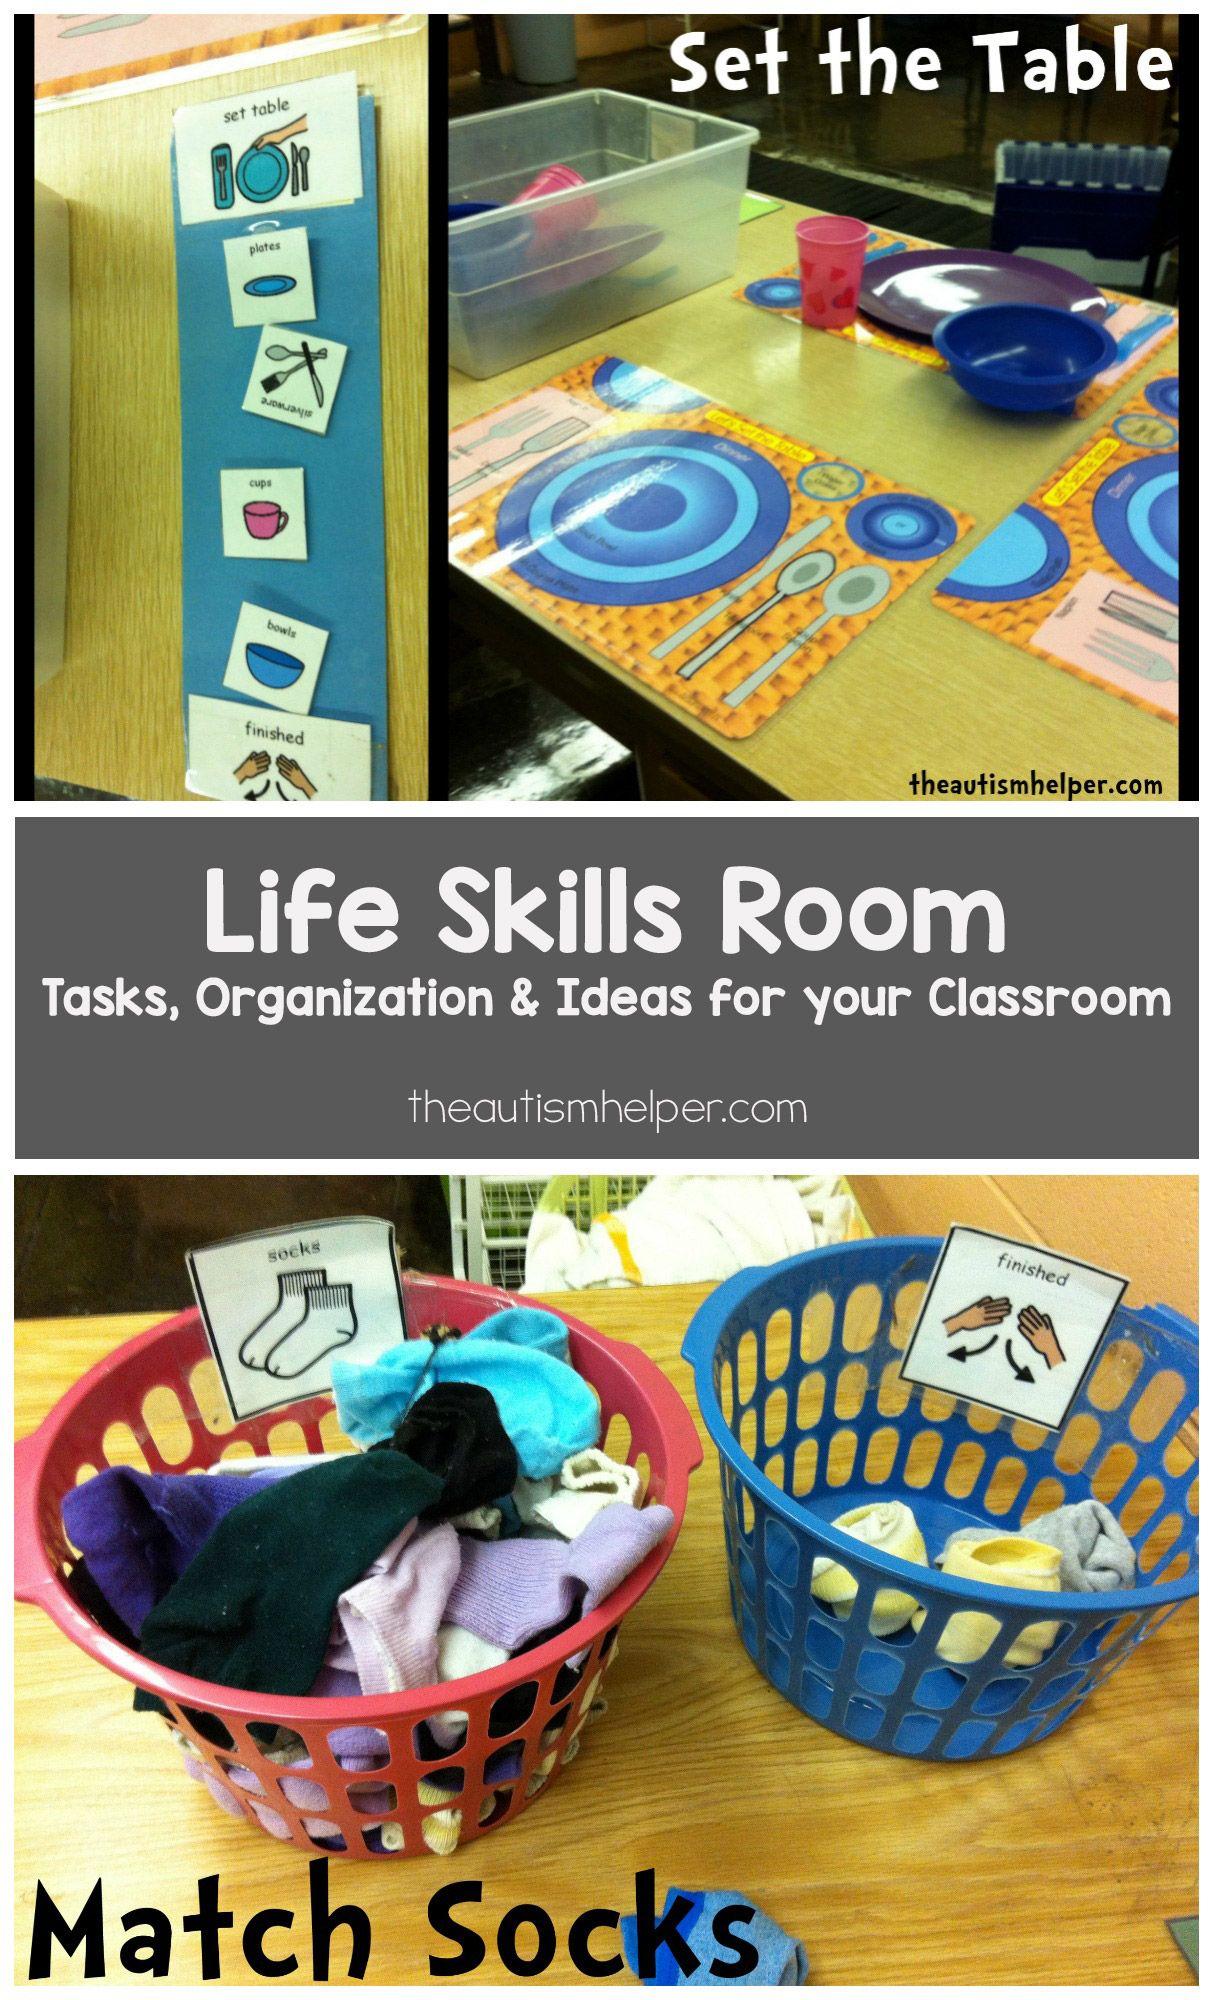 Life Skills Room